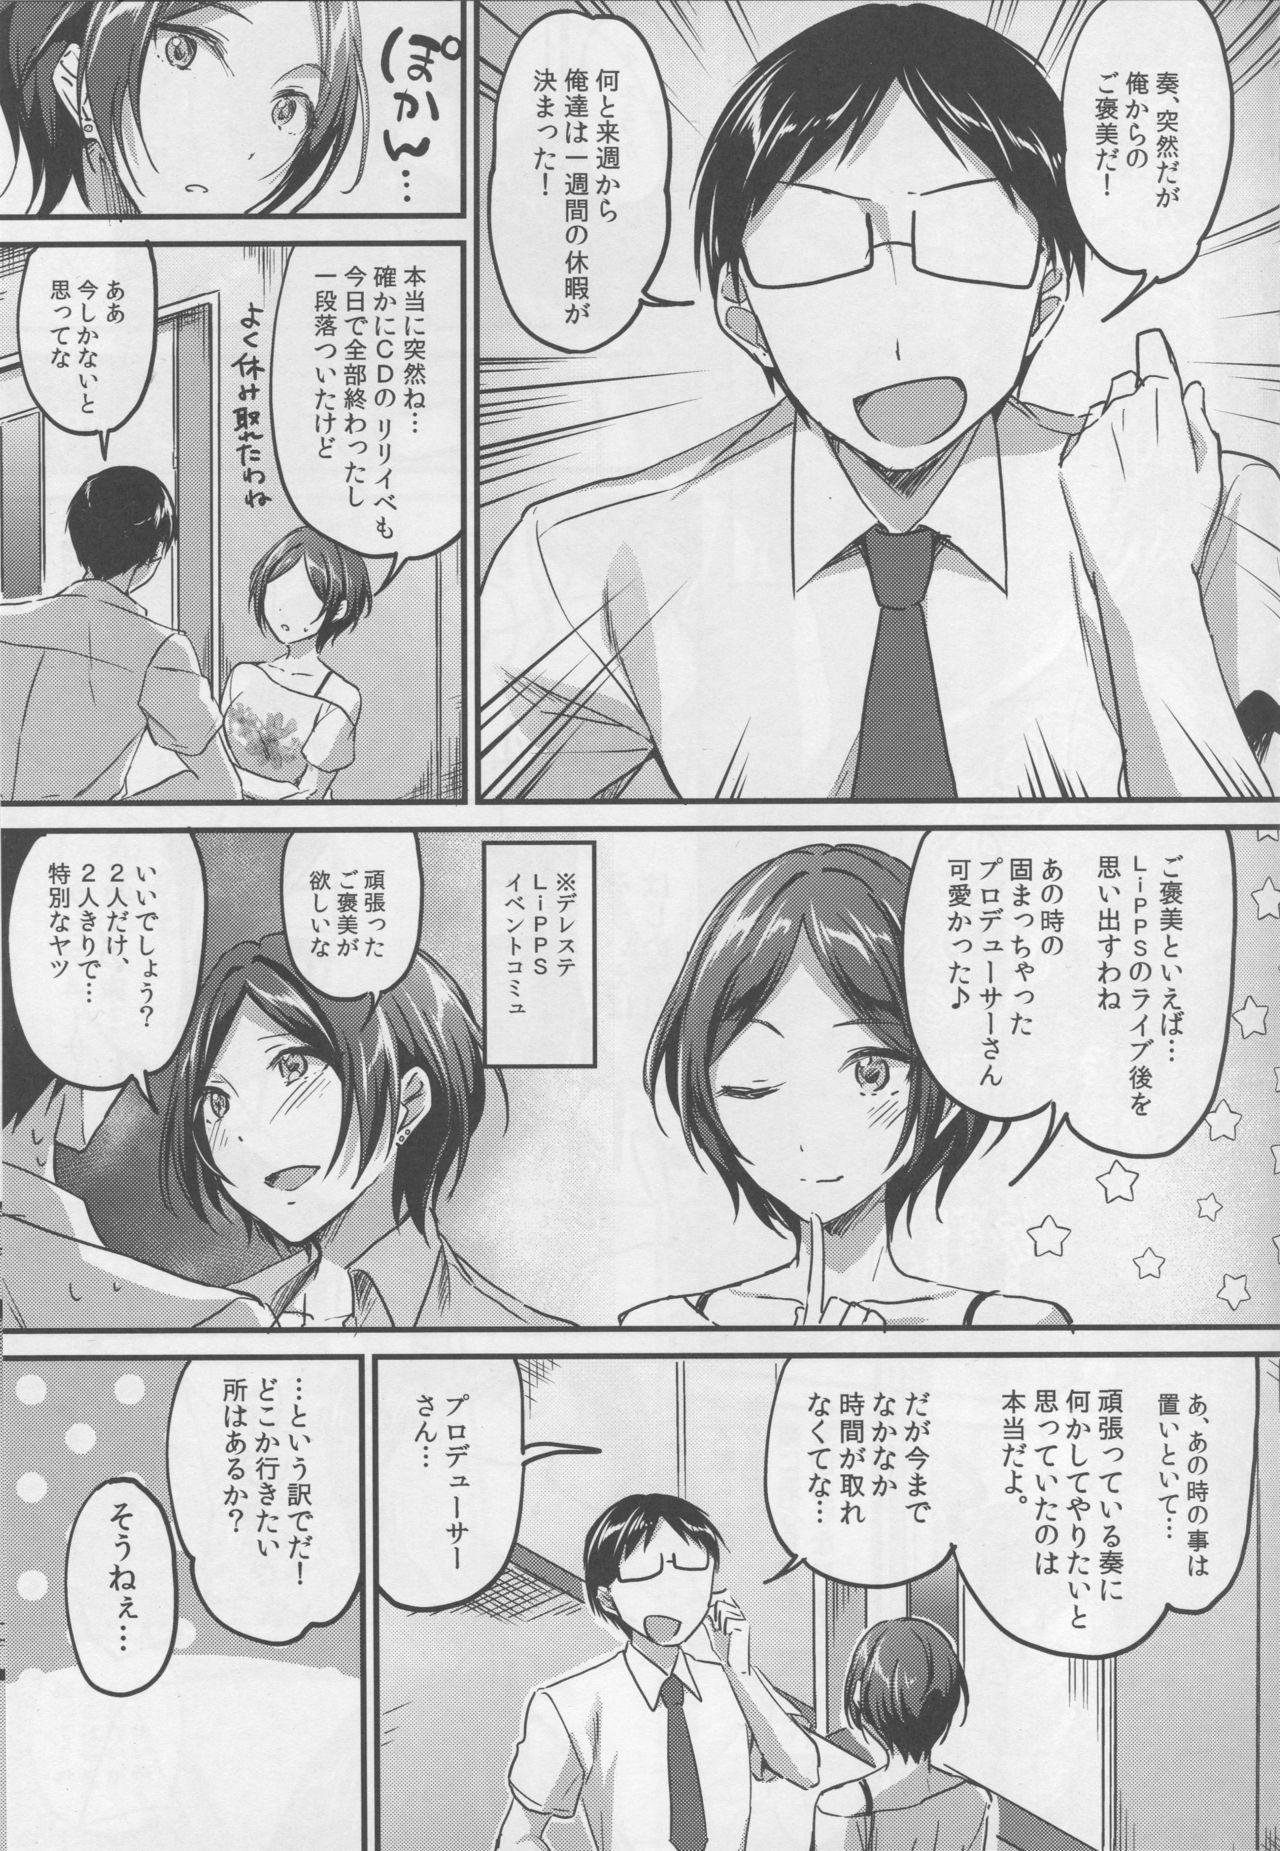 Hayami Kanade to Icha Love 7 Days 1